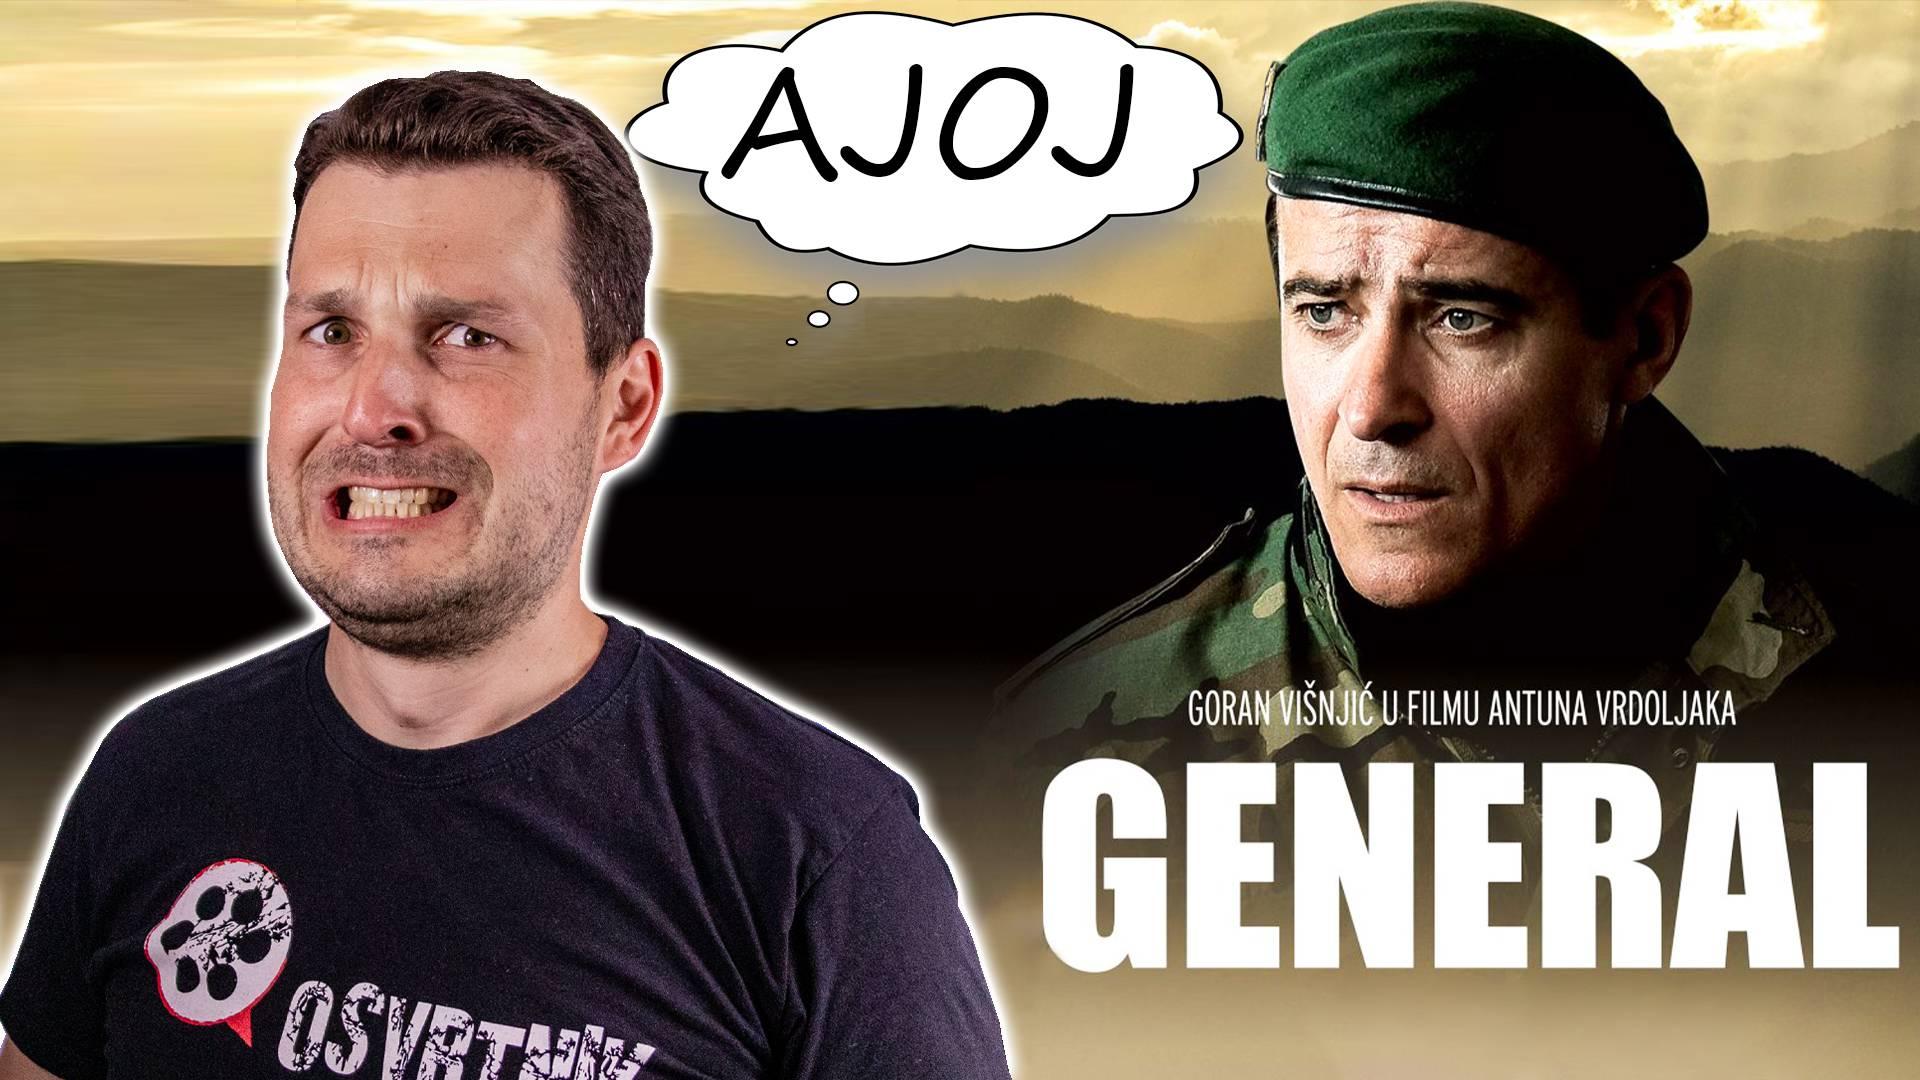 'General' je nepotreban film koji smo svi mi skupo platili!'